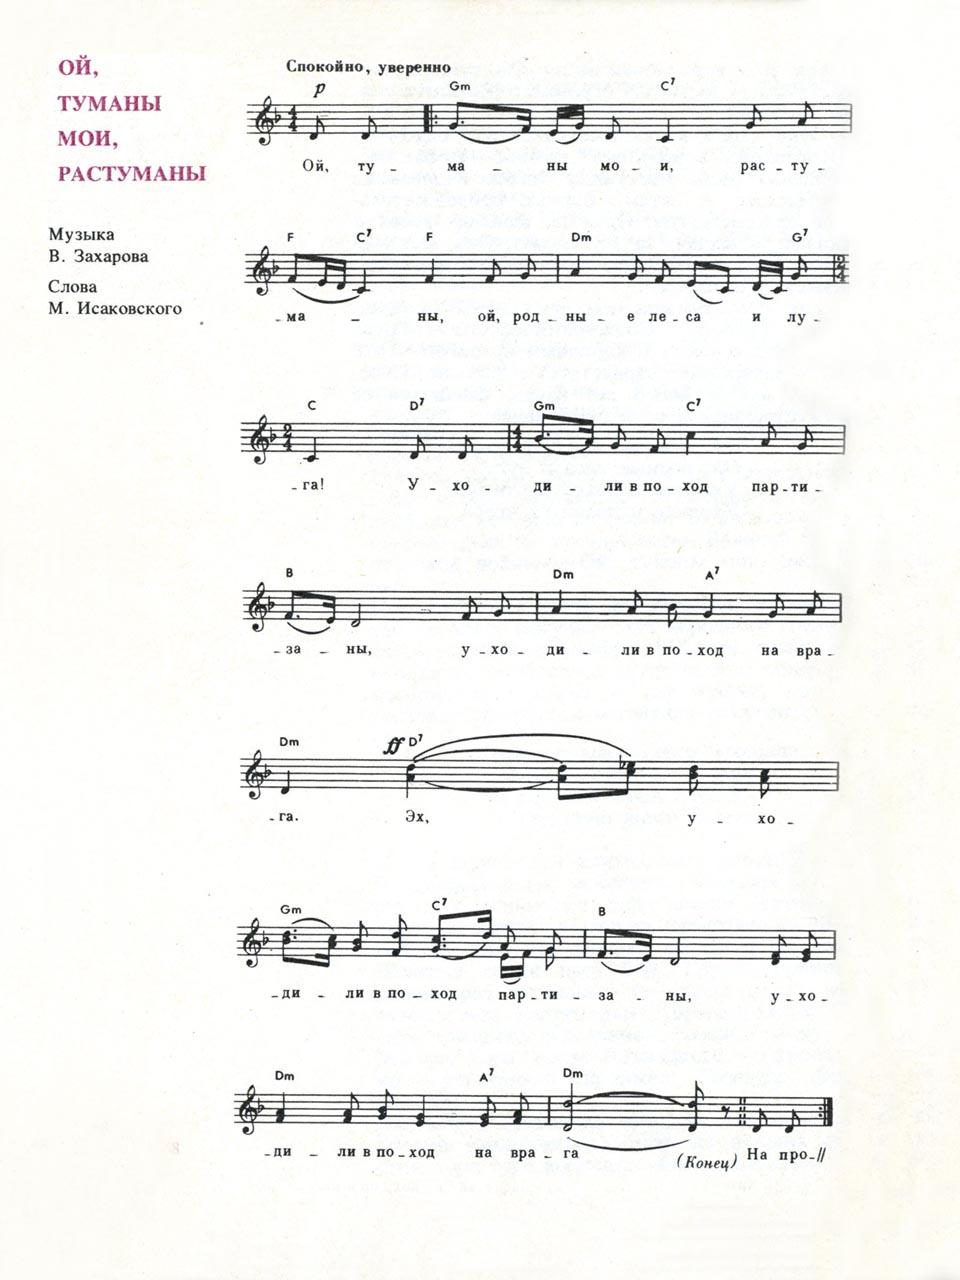 В. Захаров, М. Исаковский. «Ой, туманы мои, растуманы». Ноты и аккордовая цифровка